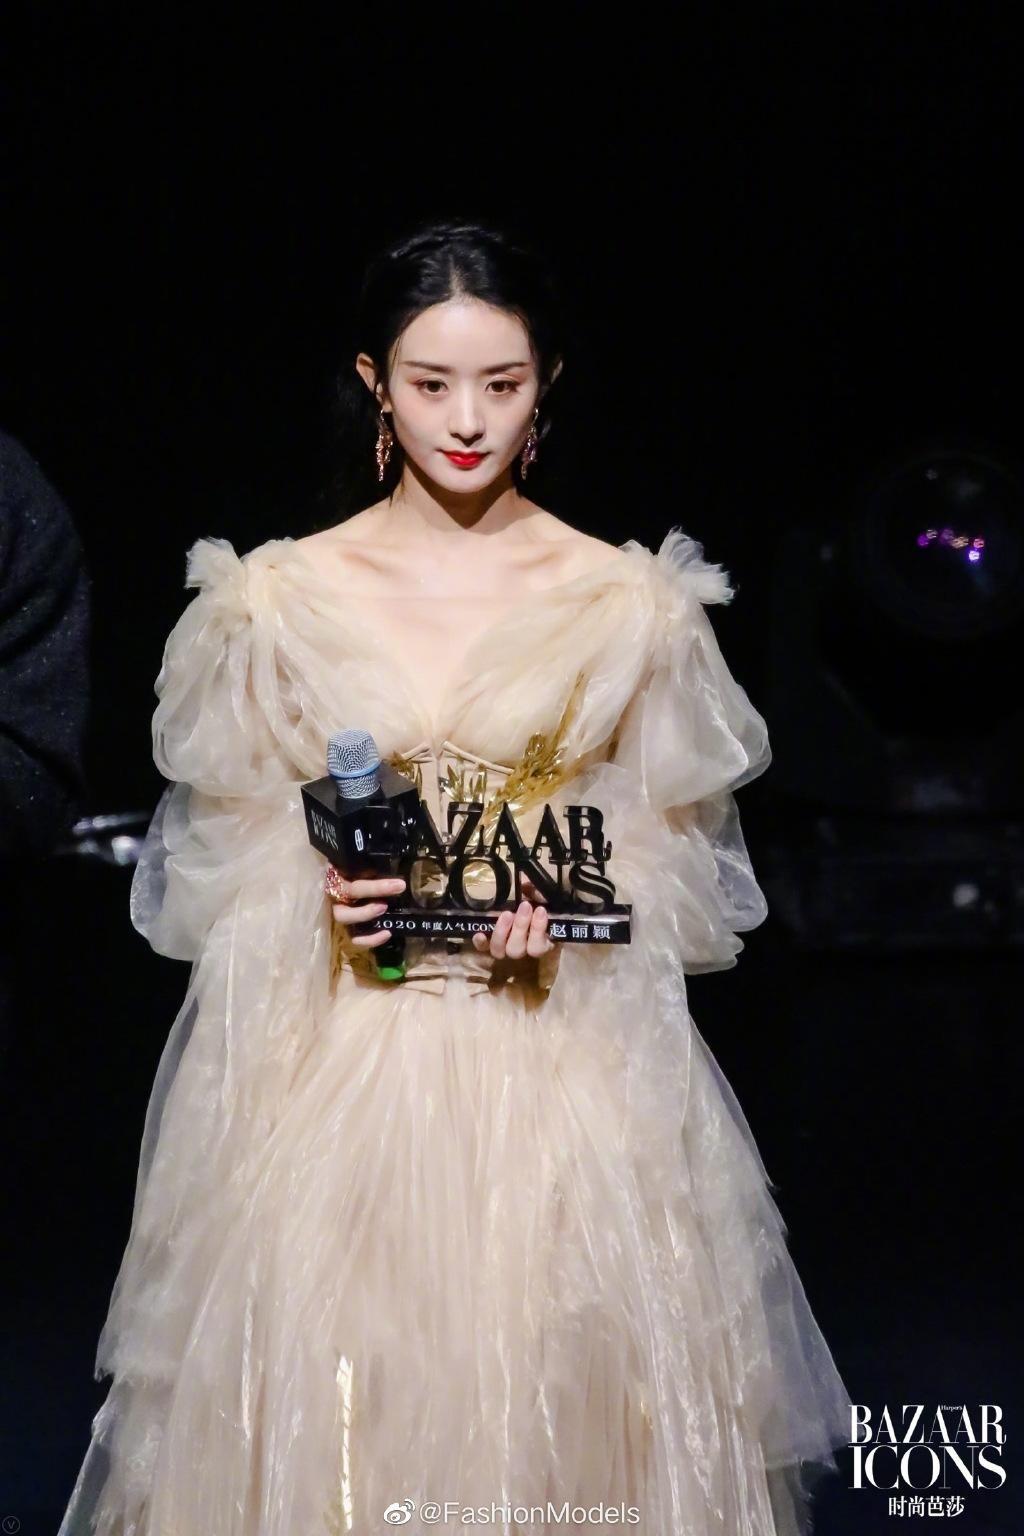 """Lai lịch khó ngờ của bộ váy lộng lẫy giúp Triệu Lệ Dĩnh thành """"Nữ hoàng đêm hội Bazaar"""" ảnh 6"""